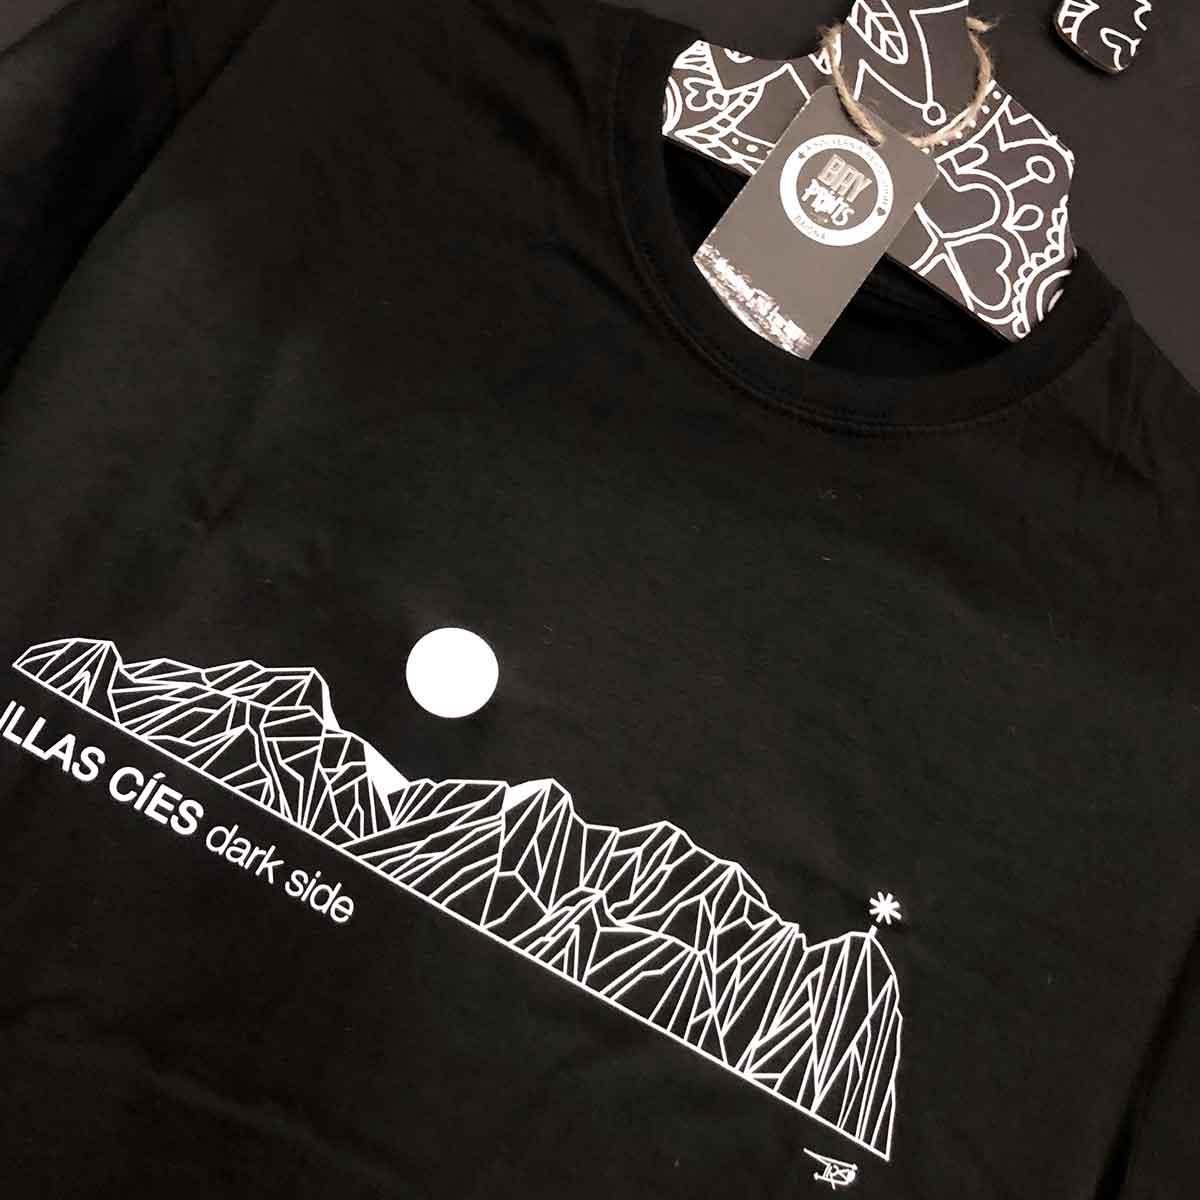 illas cies dark side lado oscuro camiseta illas cies islas cies cies islands tshirt camiseta cies online bayprints baiona souvenirs creativos singulares exclusivos